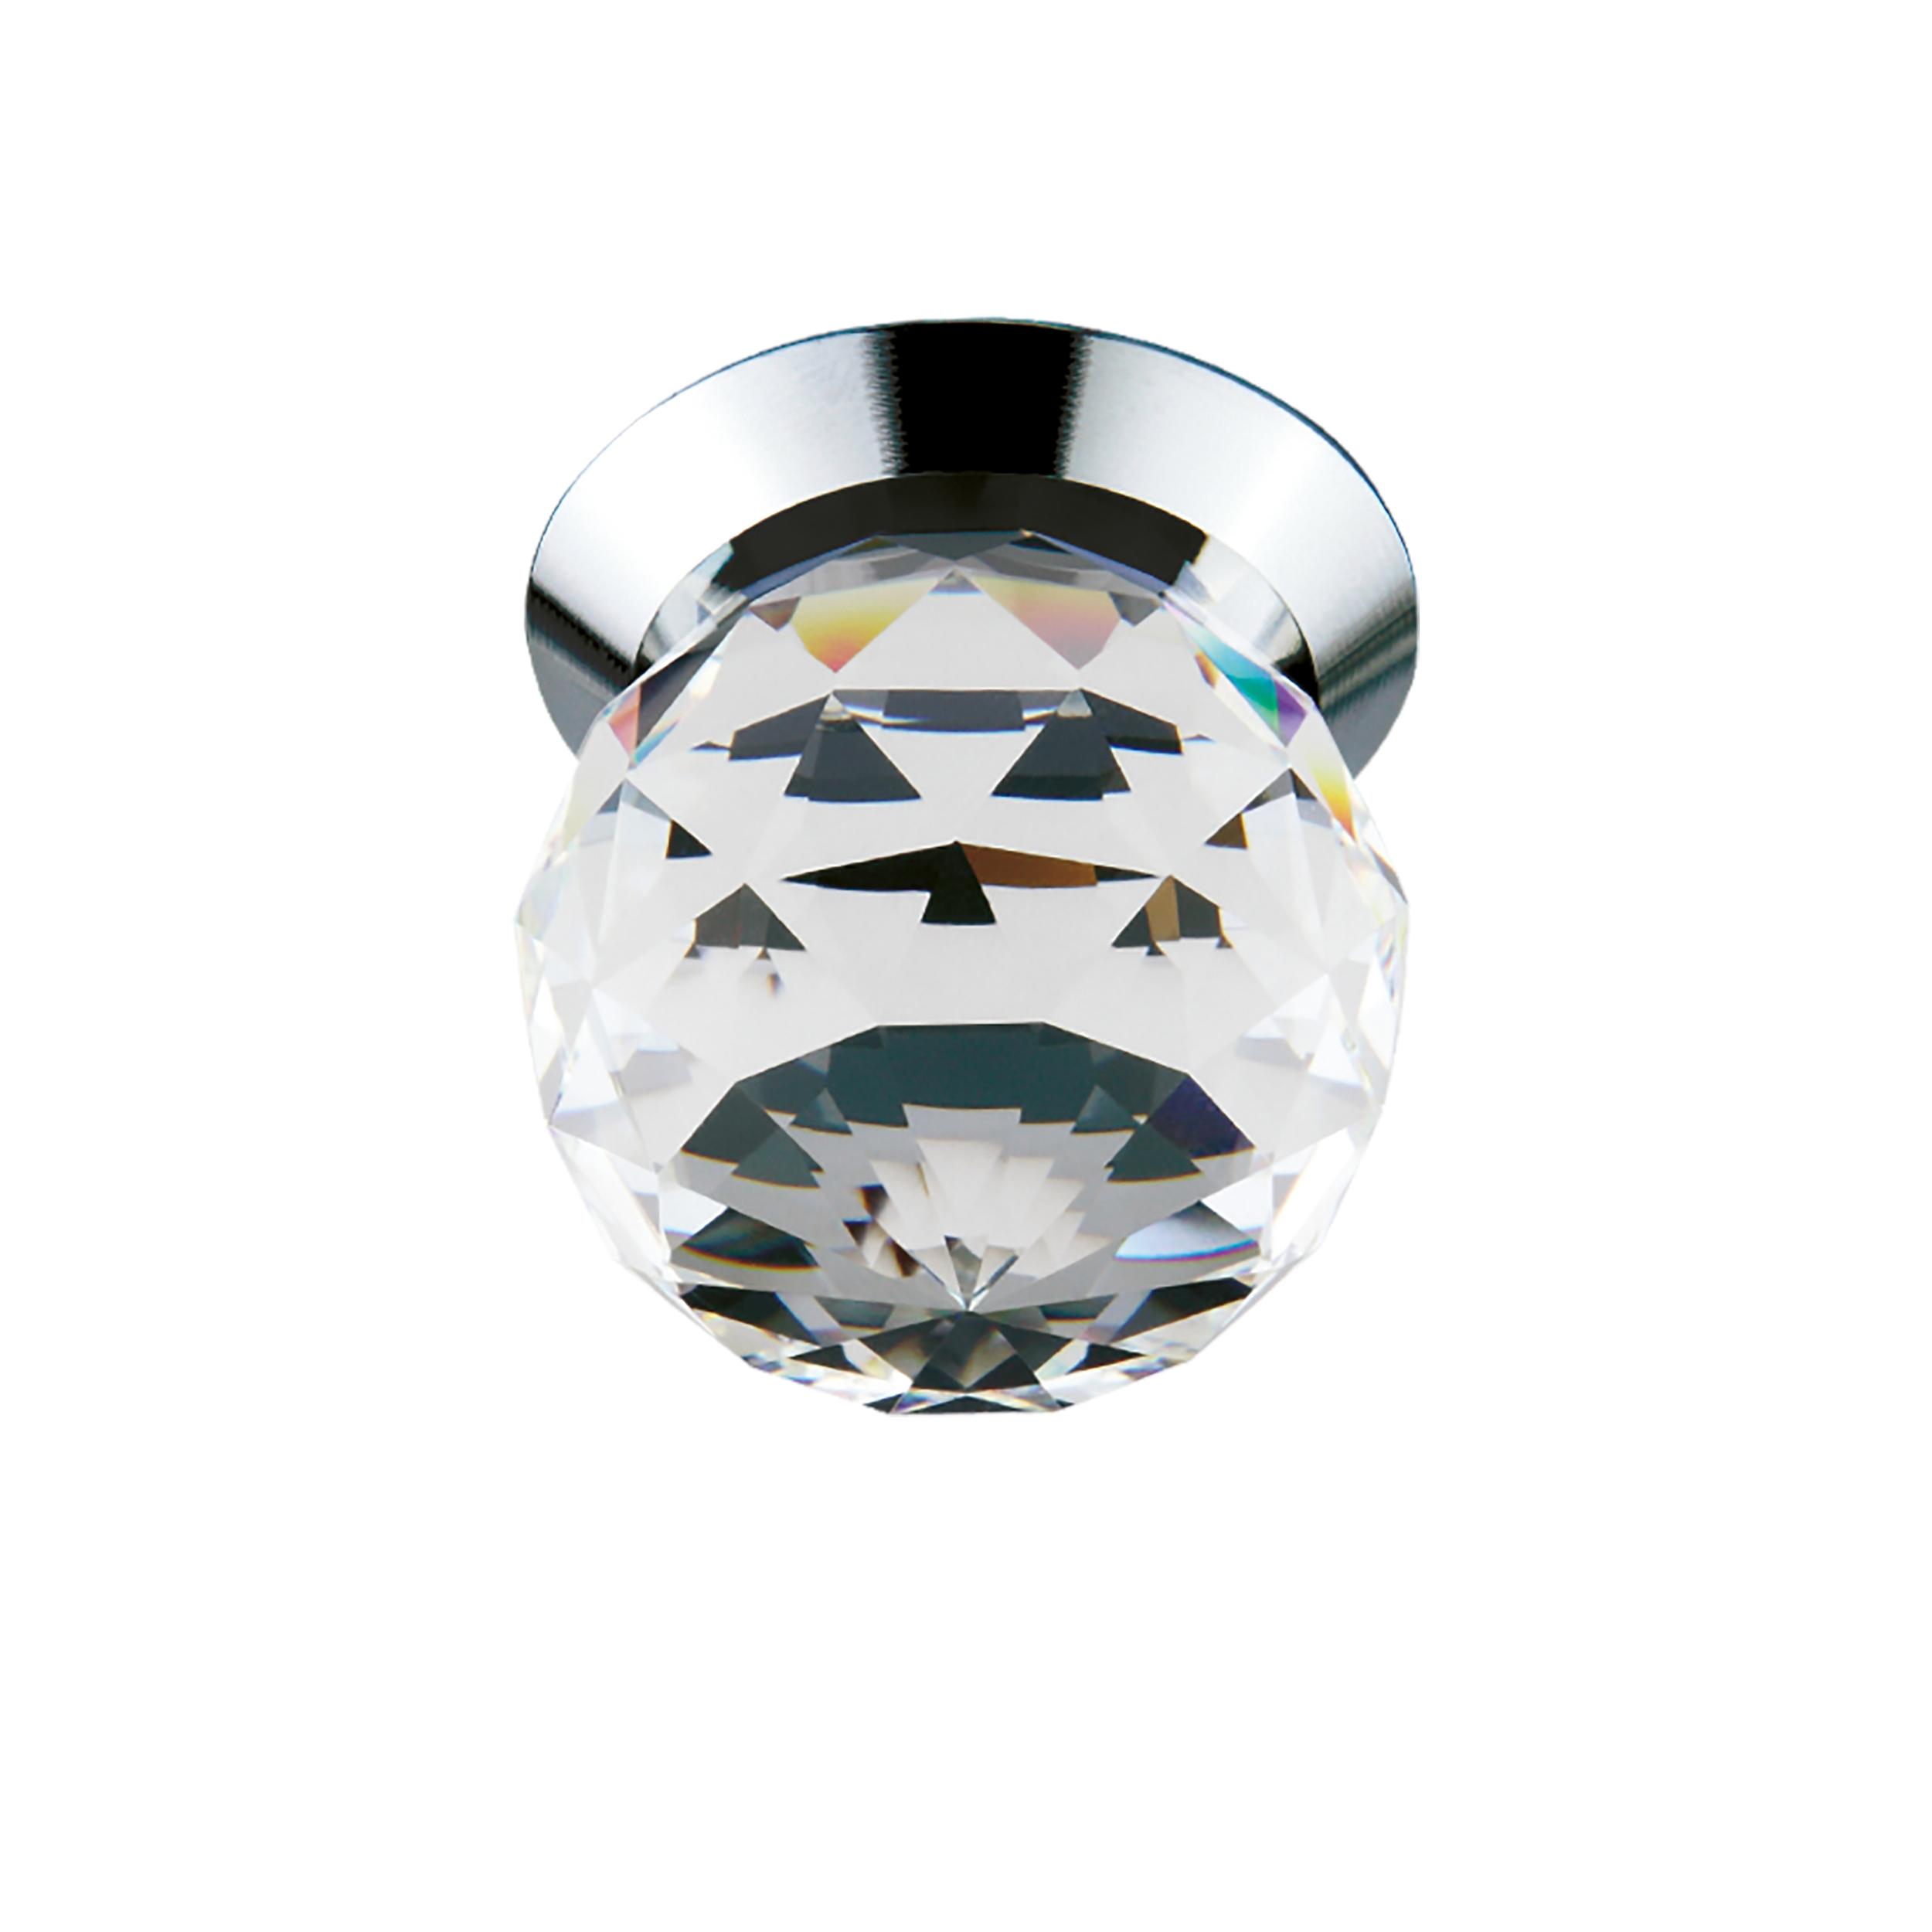 Встраиваемый светодиодный светильник Lightstar Gemma 070104, LED 1W 4000K 90lm, хром, прозрачный, металл, стекло - фото 1